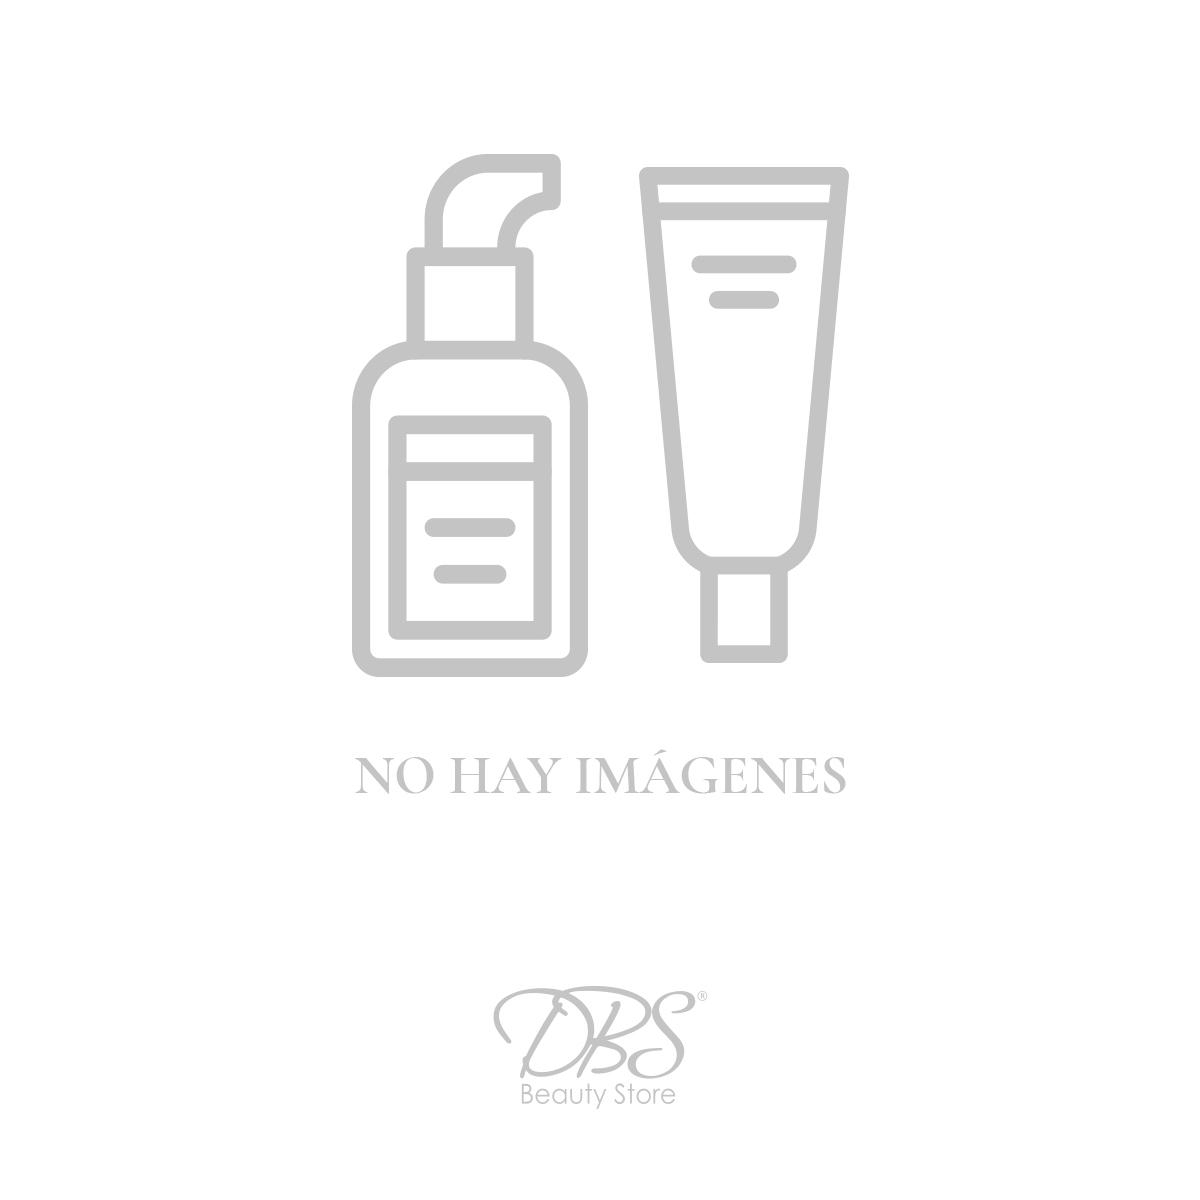 dbs-cosmetics-DBS-OS1036-MP.jpg